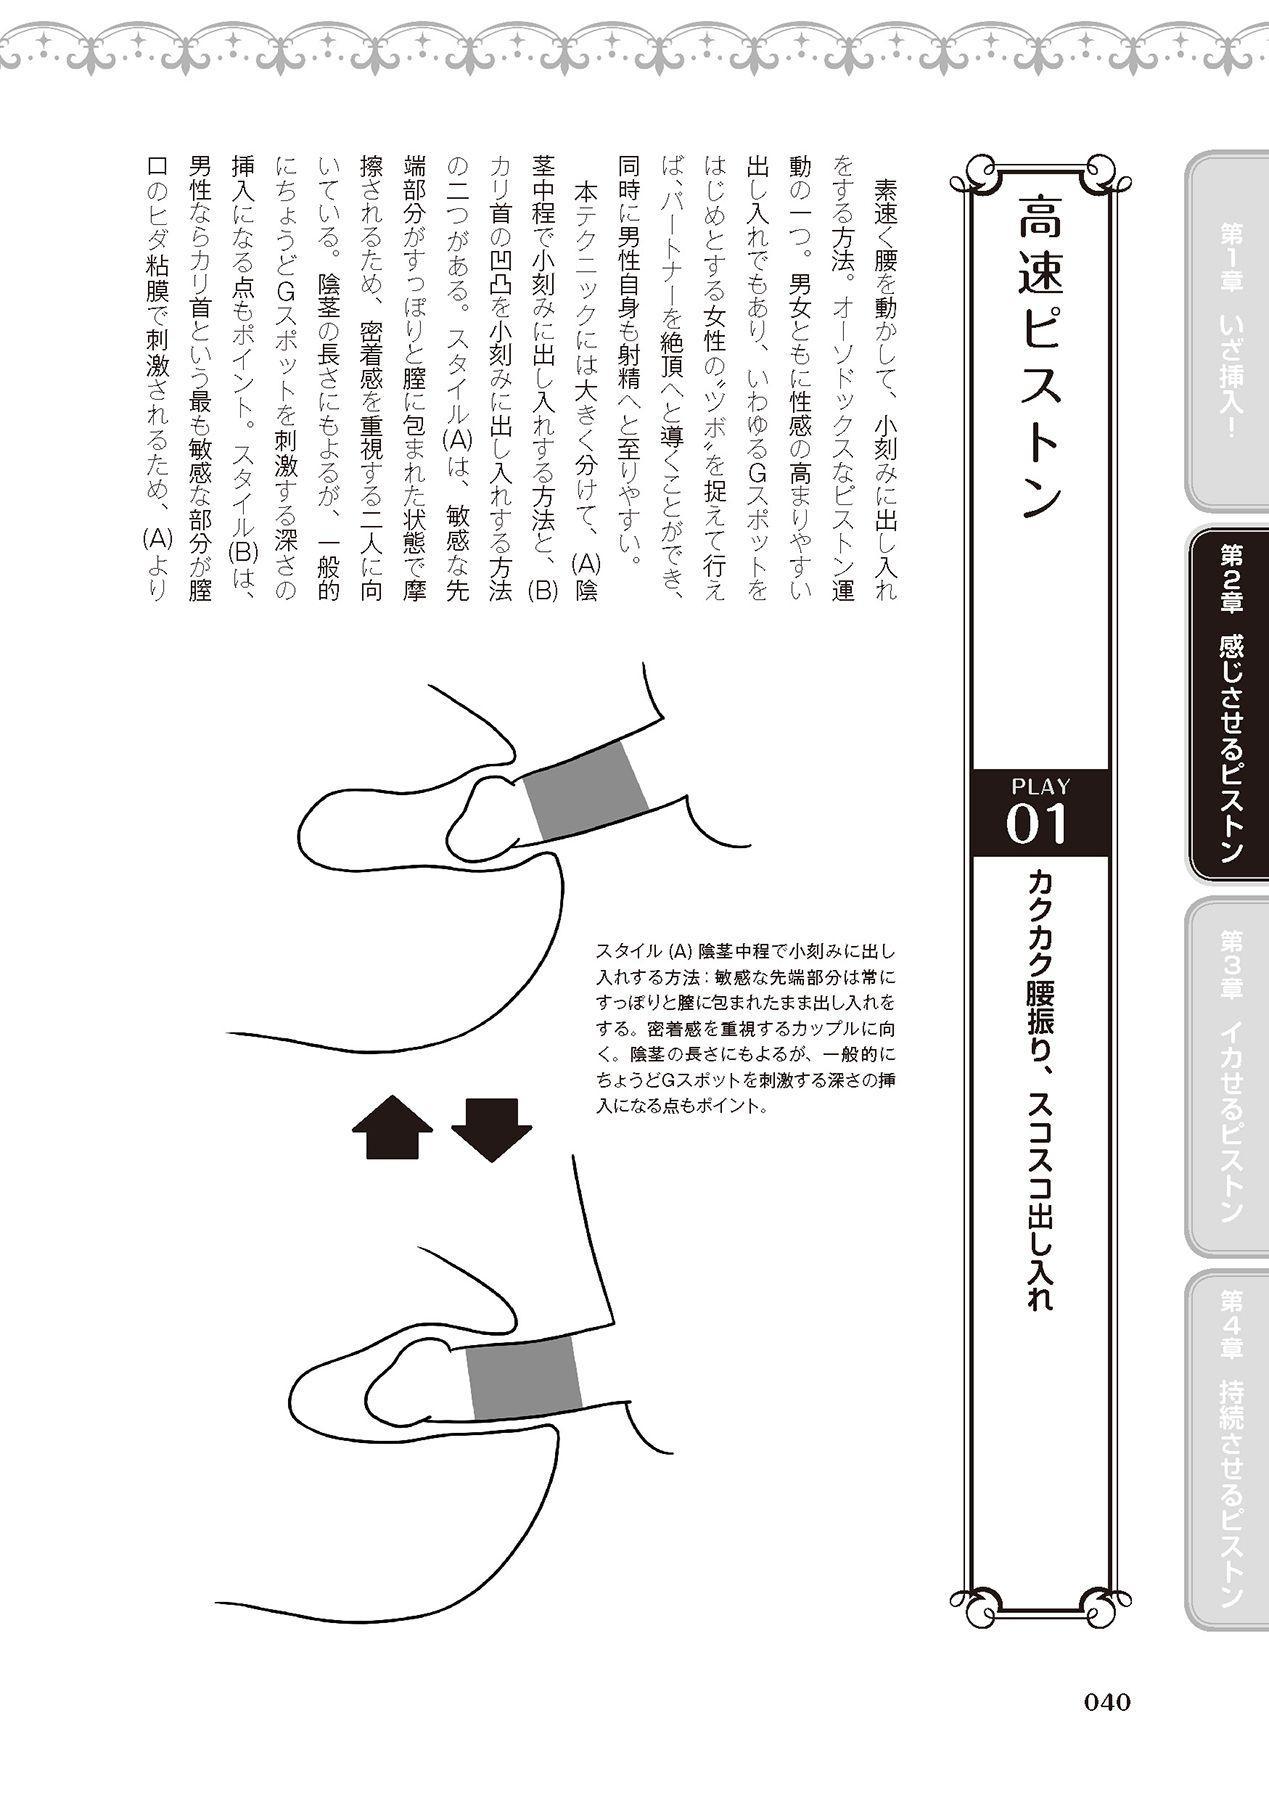 膣挿入&ピストン運動完全マニュアル イラスト版……ピスとんッ! 41